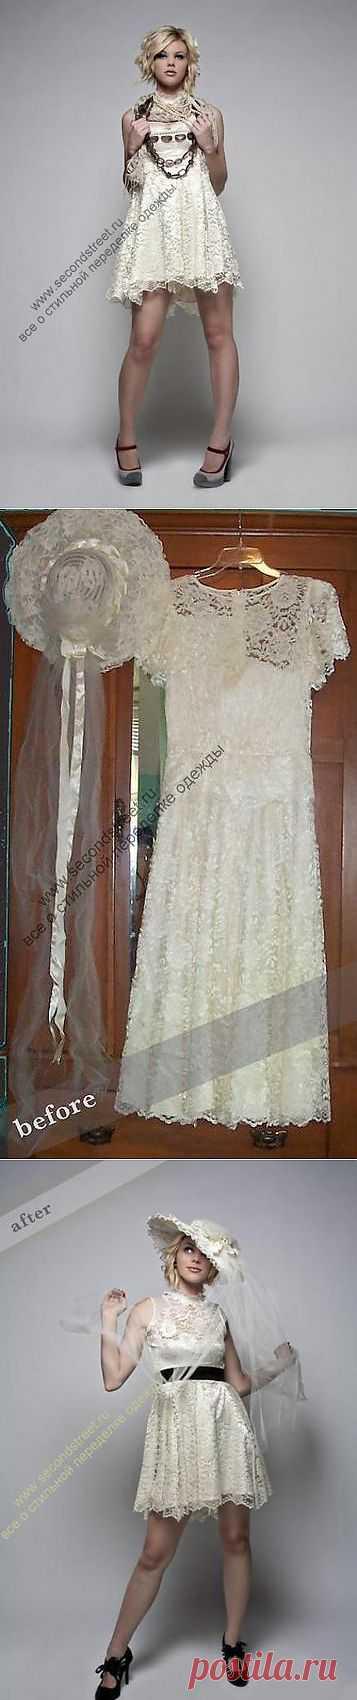 Переделка свадебного платья / Свадебные платья / Модный сайт о стильной переделке одежды и интерьера